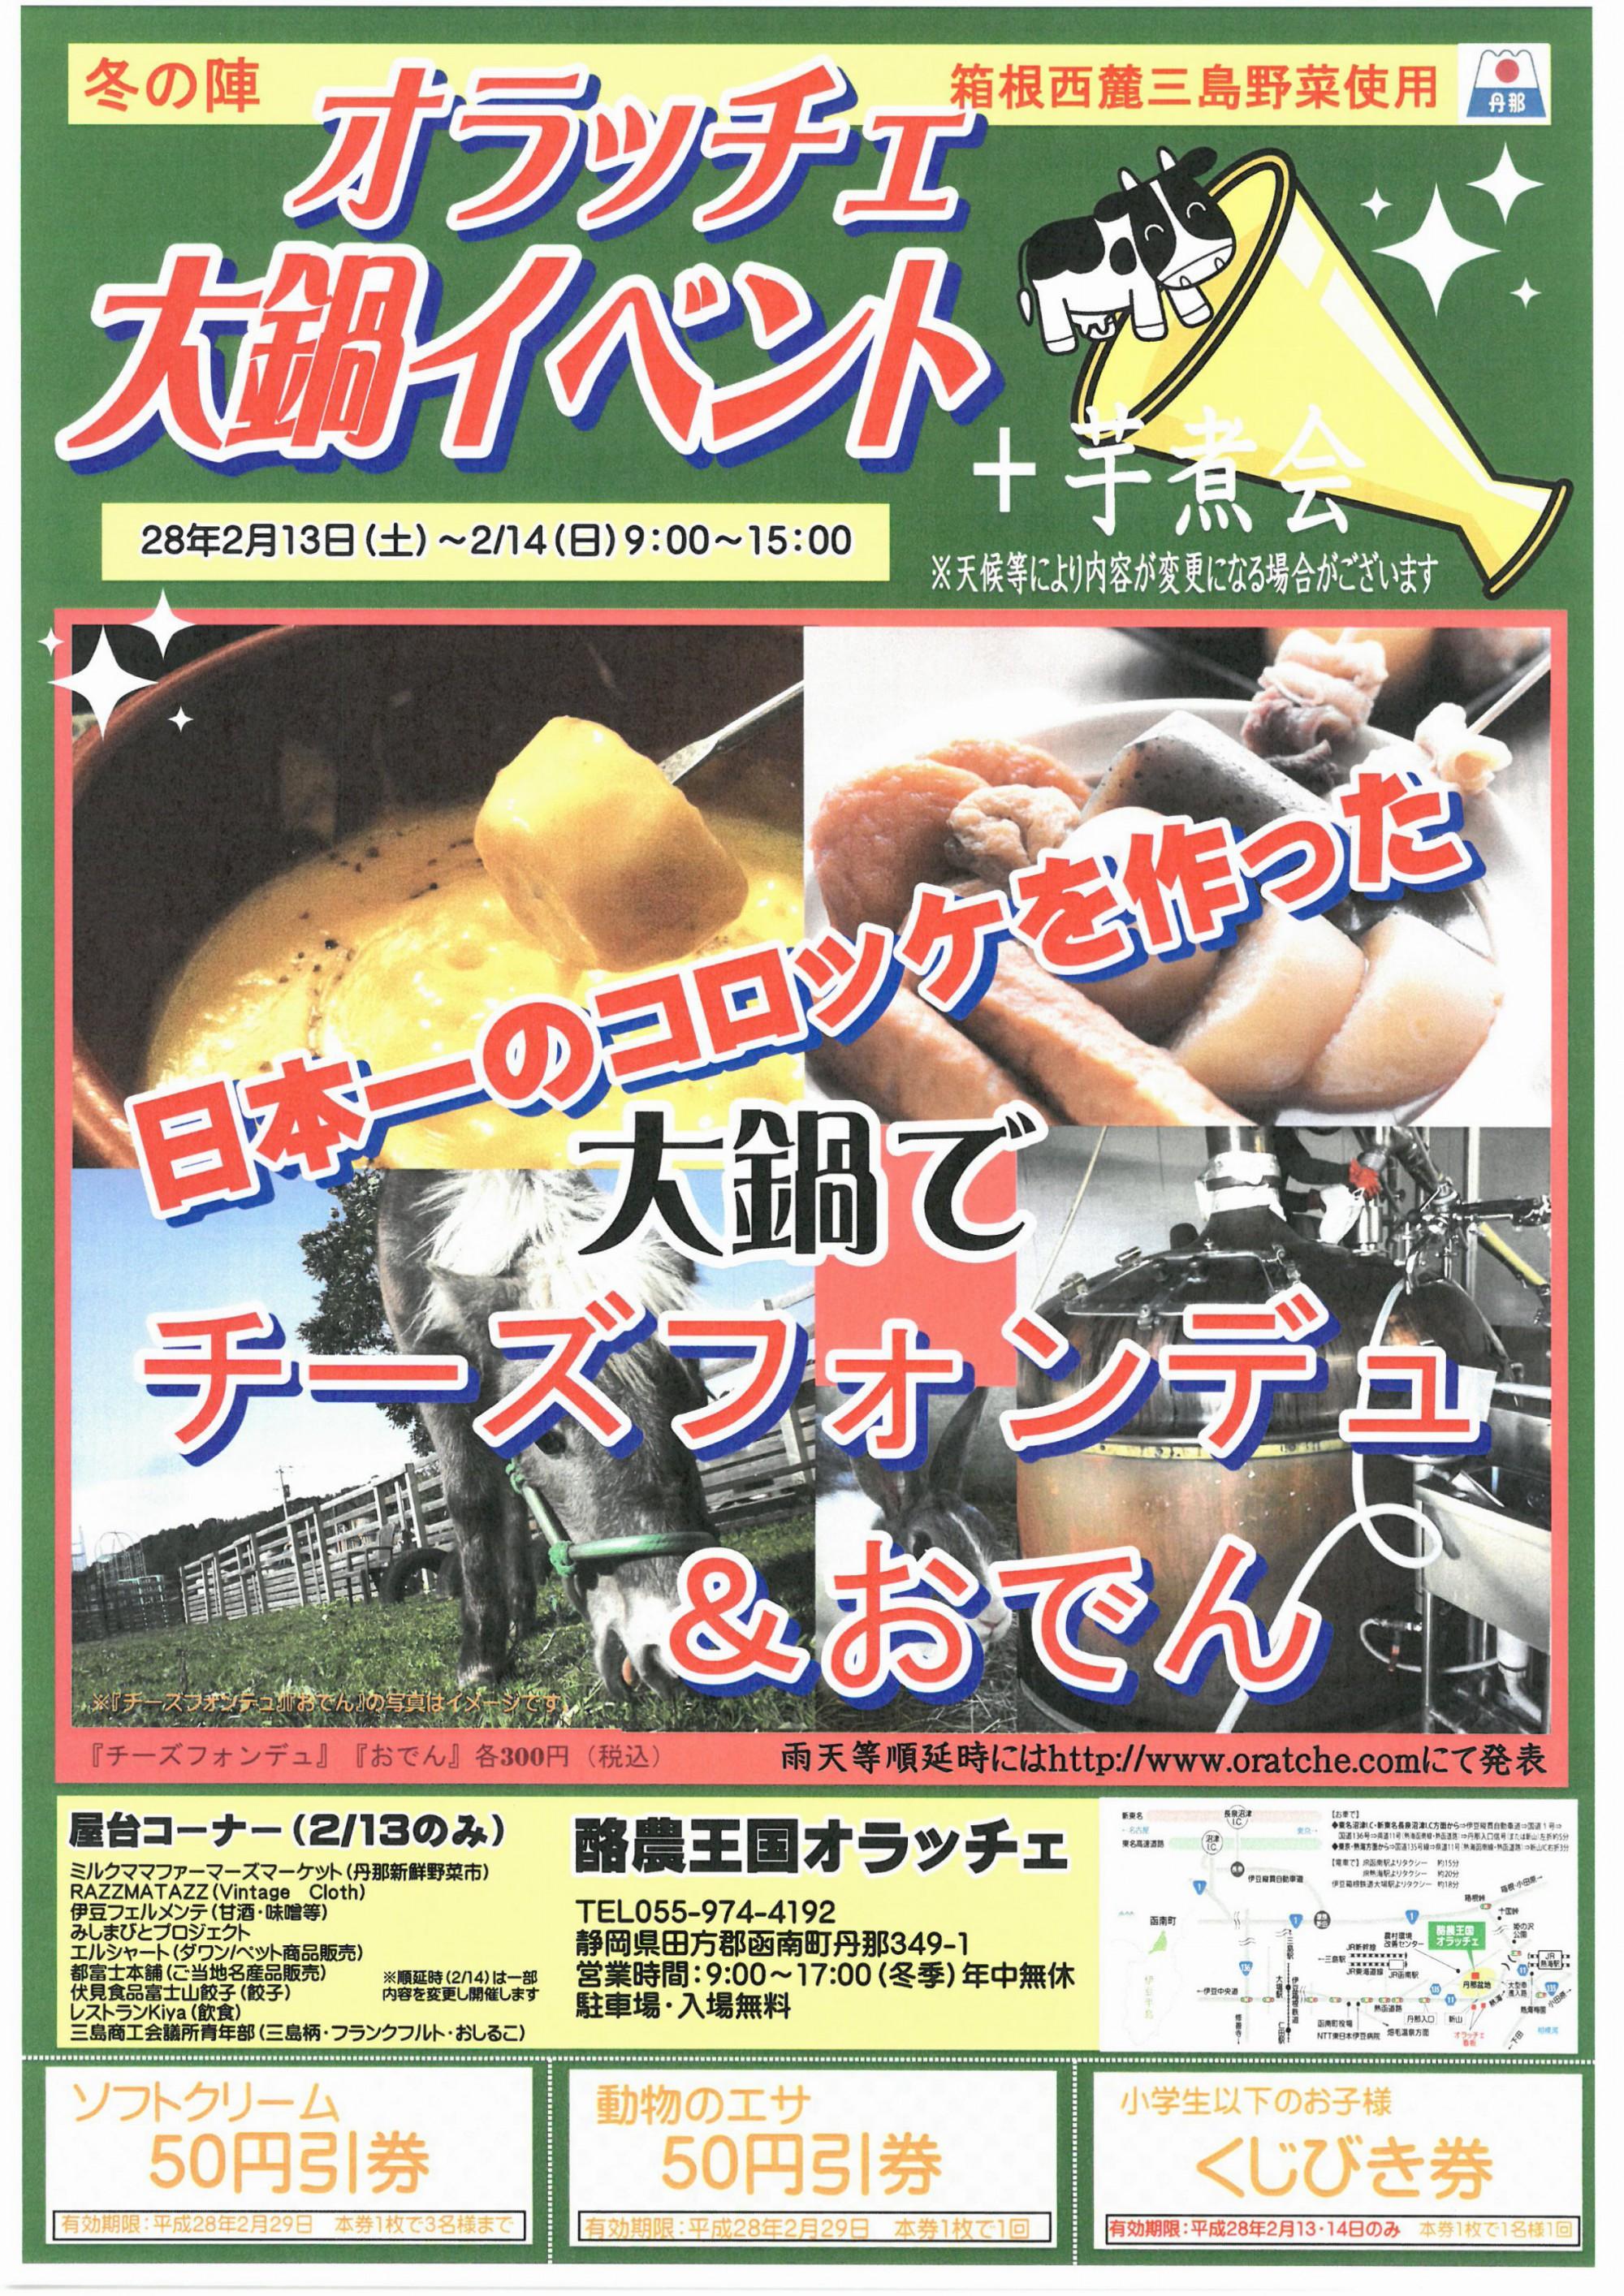 オラッチェ大鍋イベント